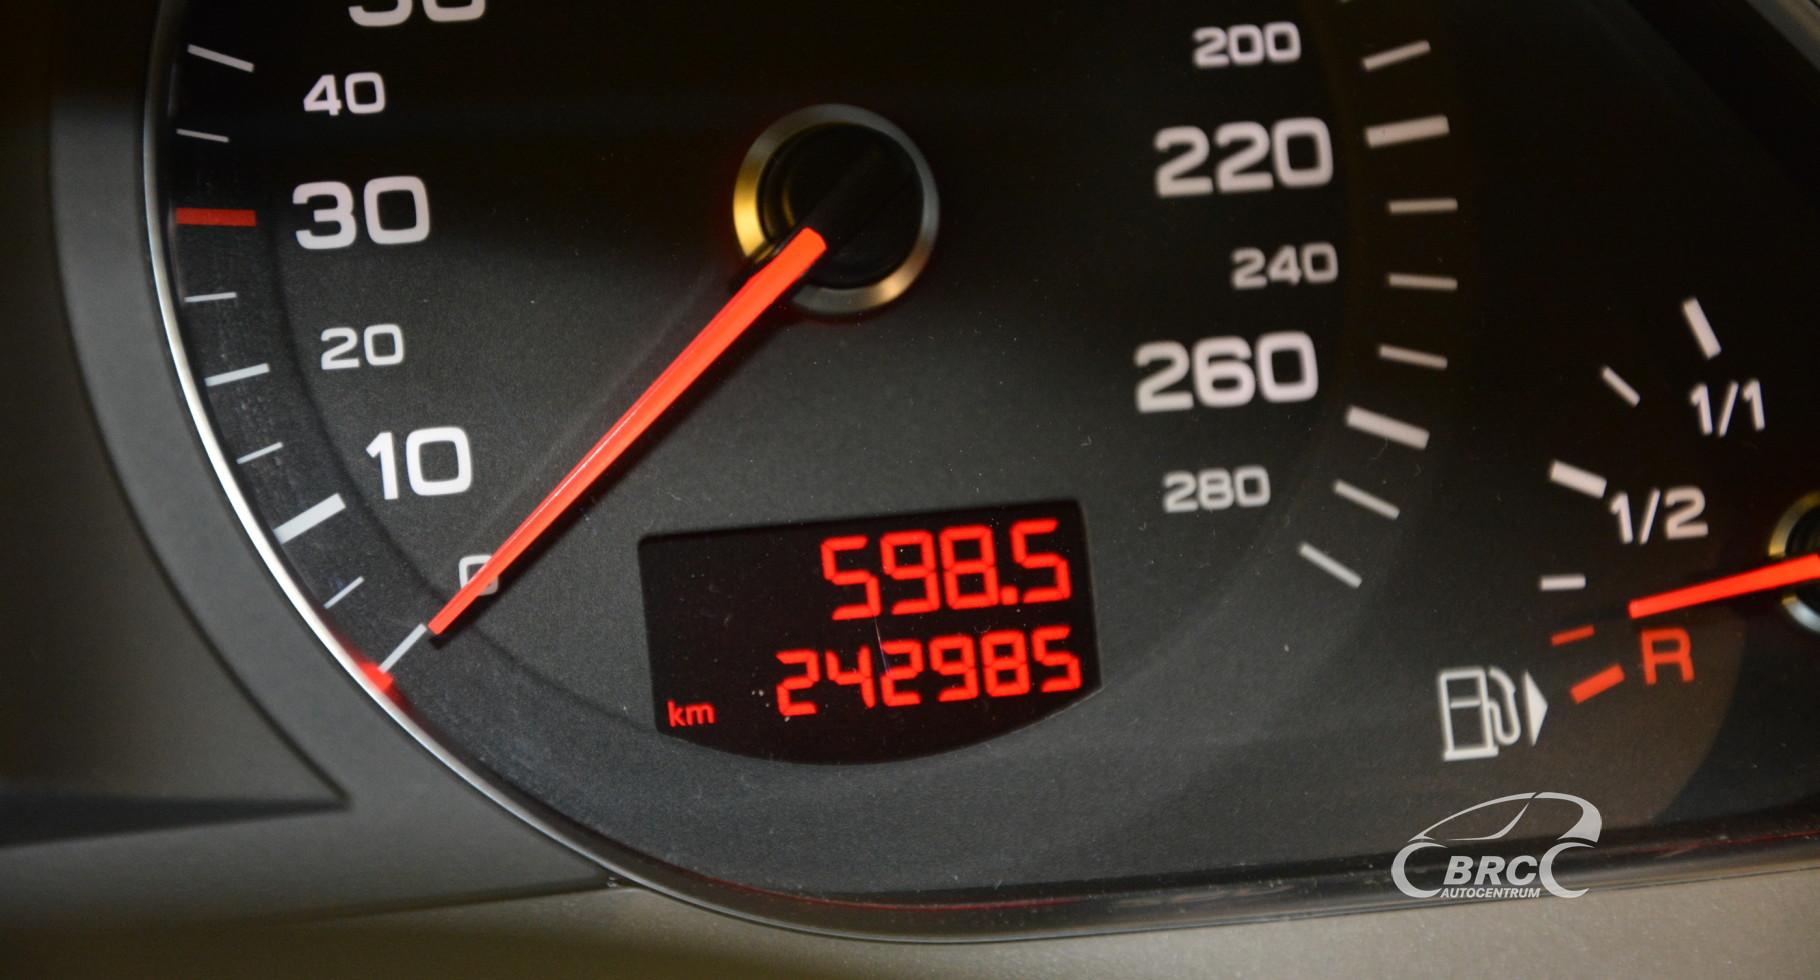 Audi A6 2.7TDI Quattro Automatas